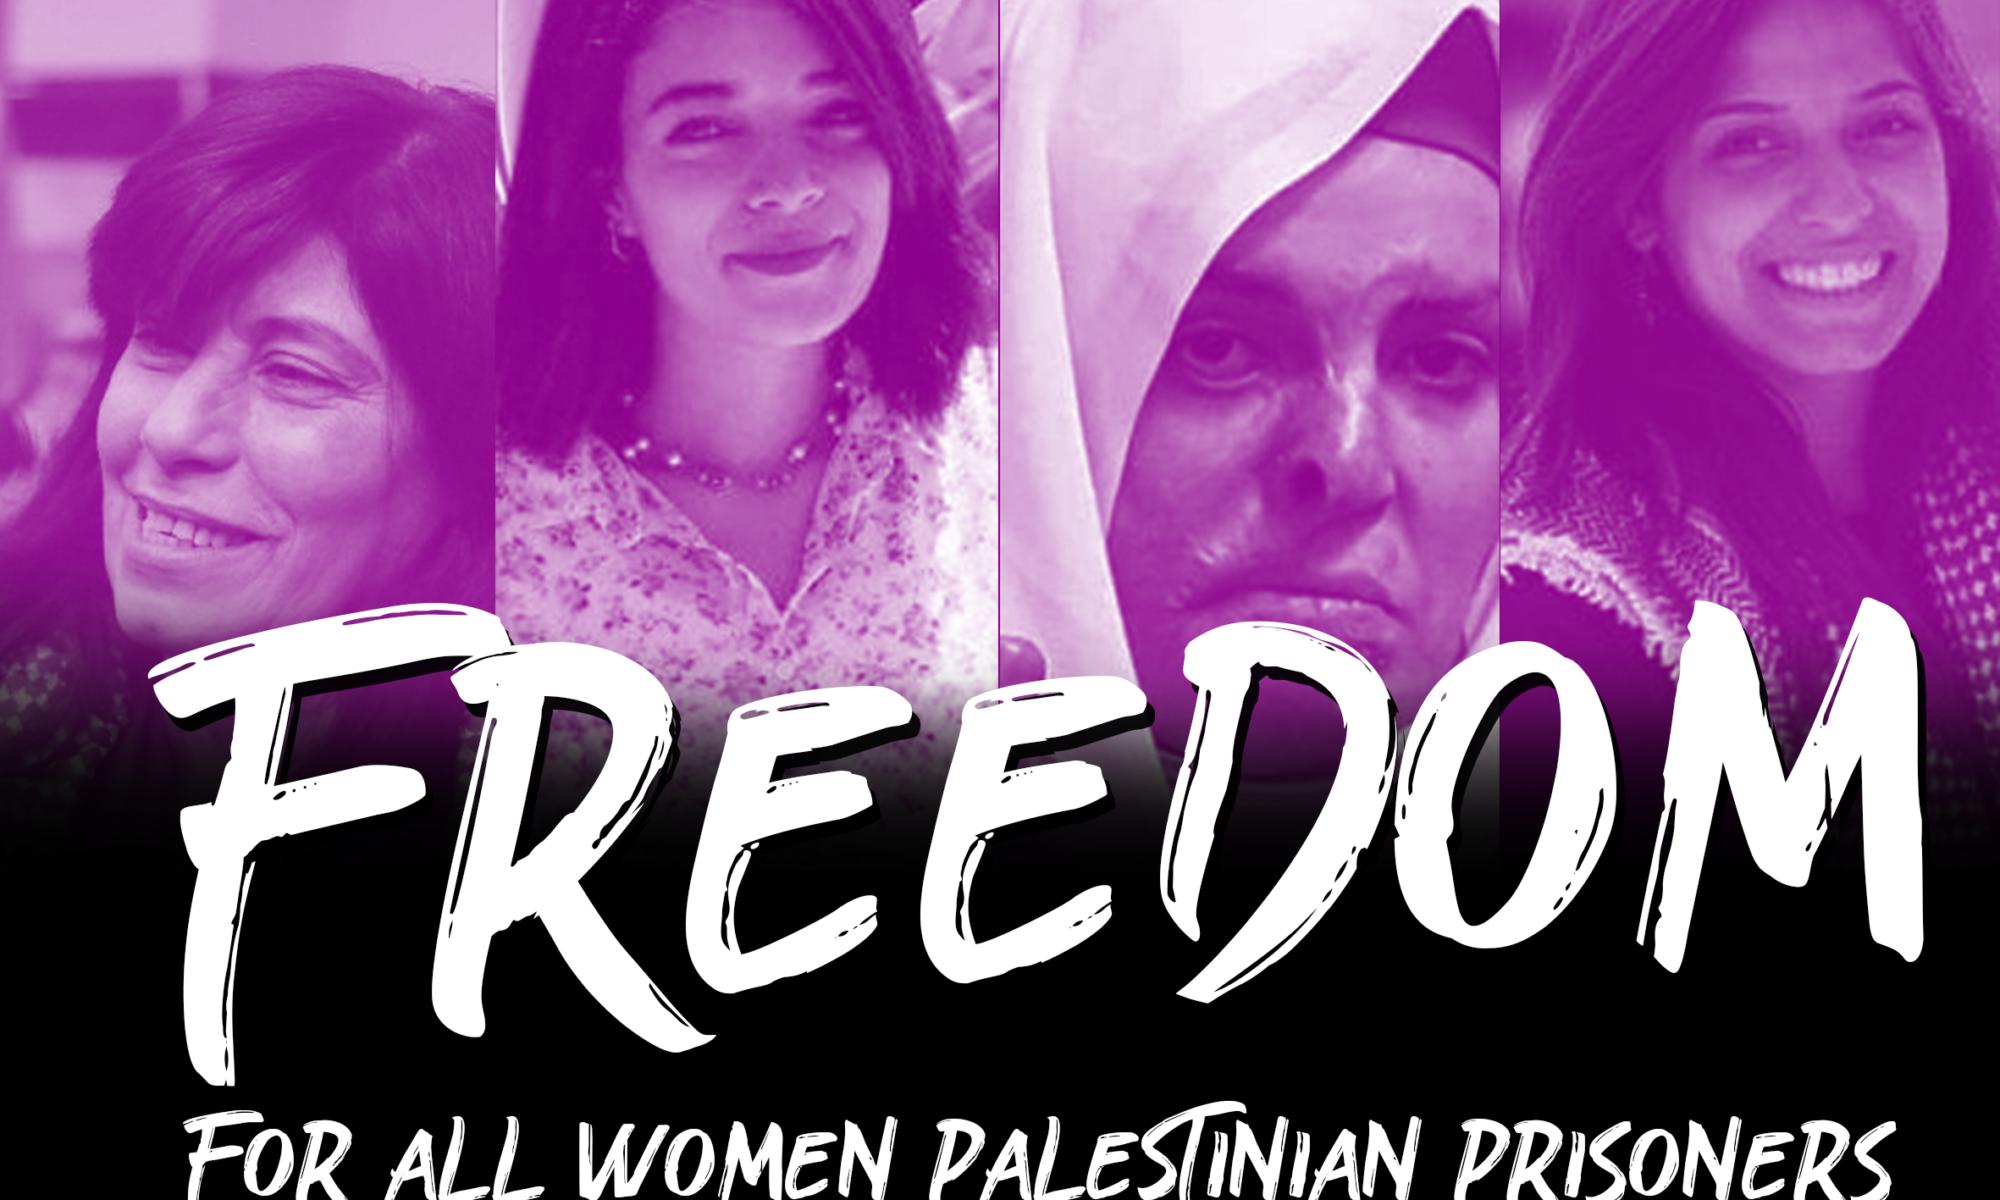 Donne palestinesi prigioniere: la continua lotta per la libertà